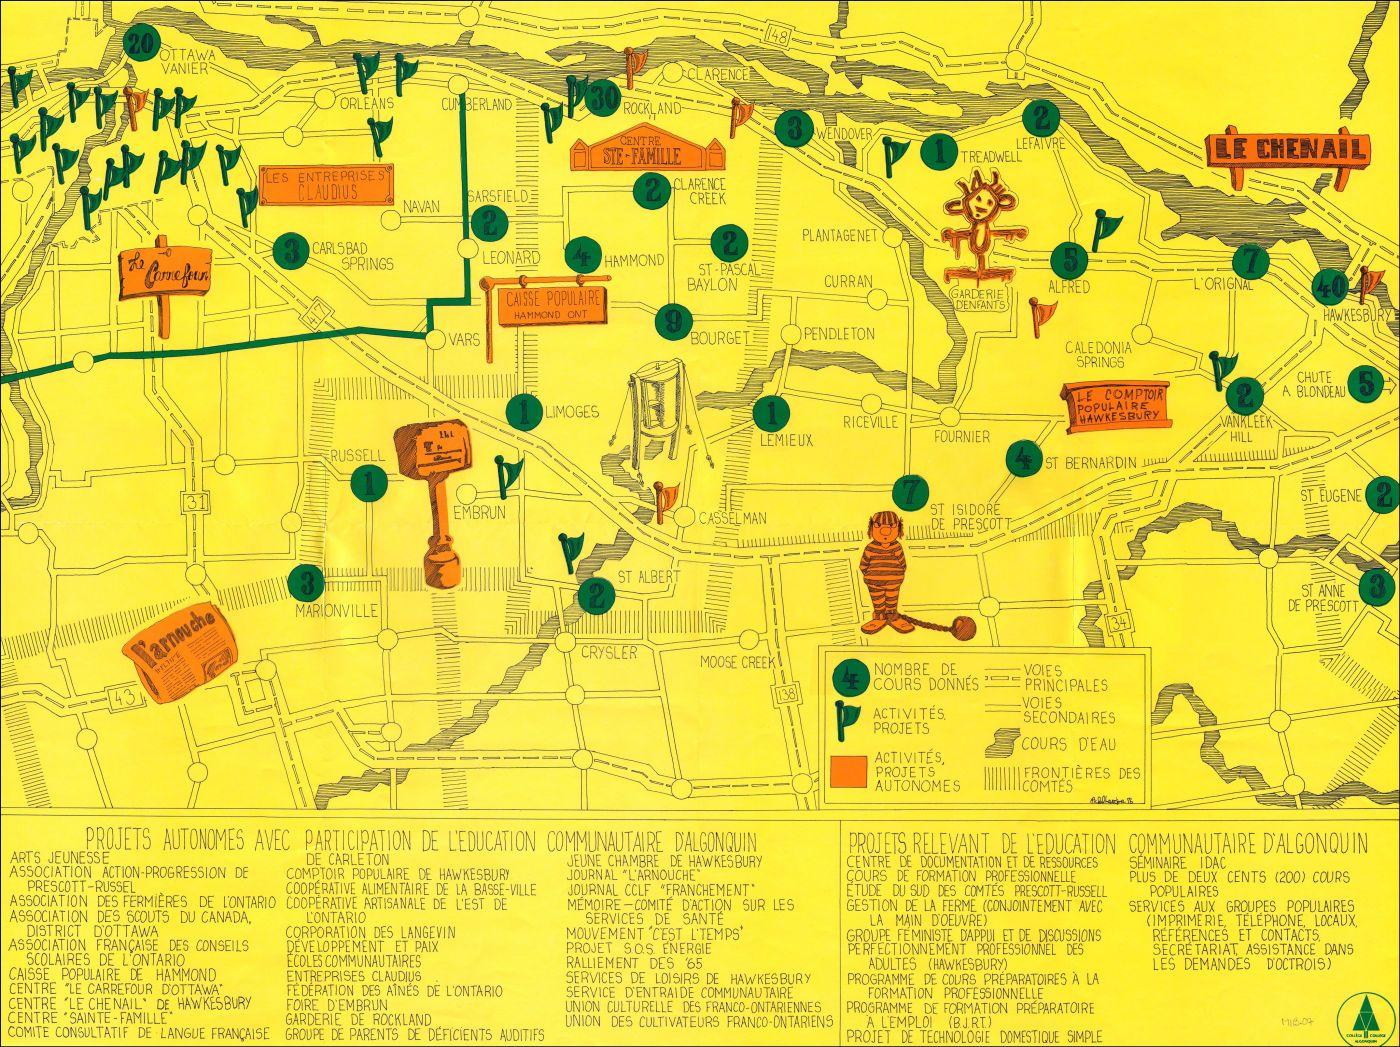 Une carte schématique, en français. En traits noirs fins, sur fond jaune, le réseau routier et les principales localités de l'Est ontarien.  Ottawa figure en haut (au nord) à gauche (à l'ouest). Un ensemble de symboles colorés marquent les lieux d'intervention de « l'éducation communautaire d'Algonquin ». Une liste détaillée des projets apparaît au bas de la carte.